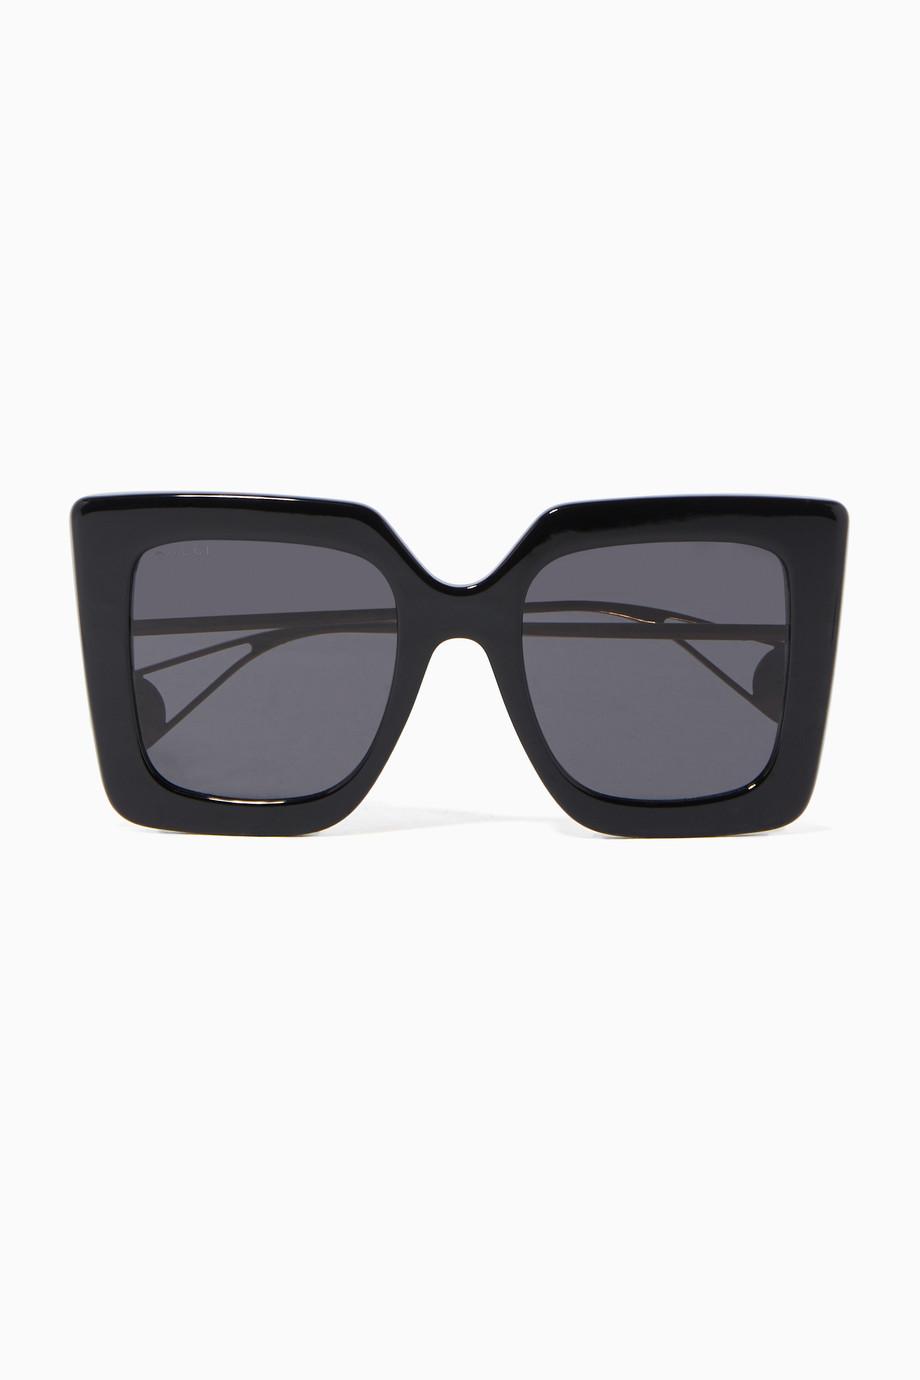 7785208a8 تسوق نظارة شمسية أسيتات بإطار مربع أسود Gucci أسود للنساء | اُناس